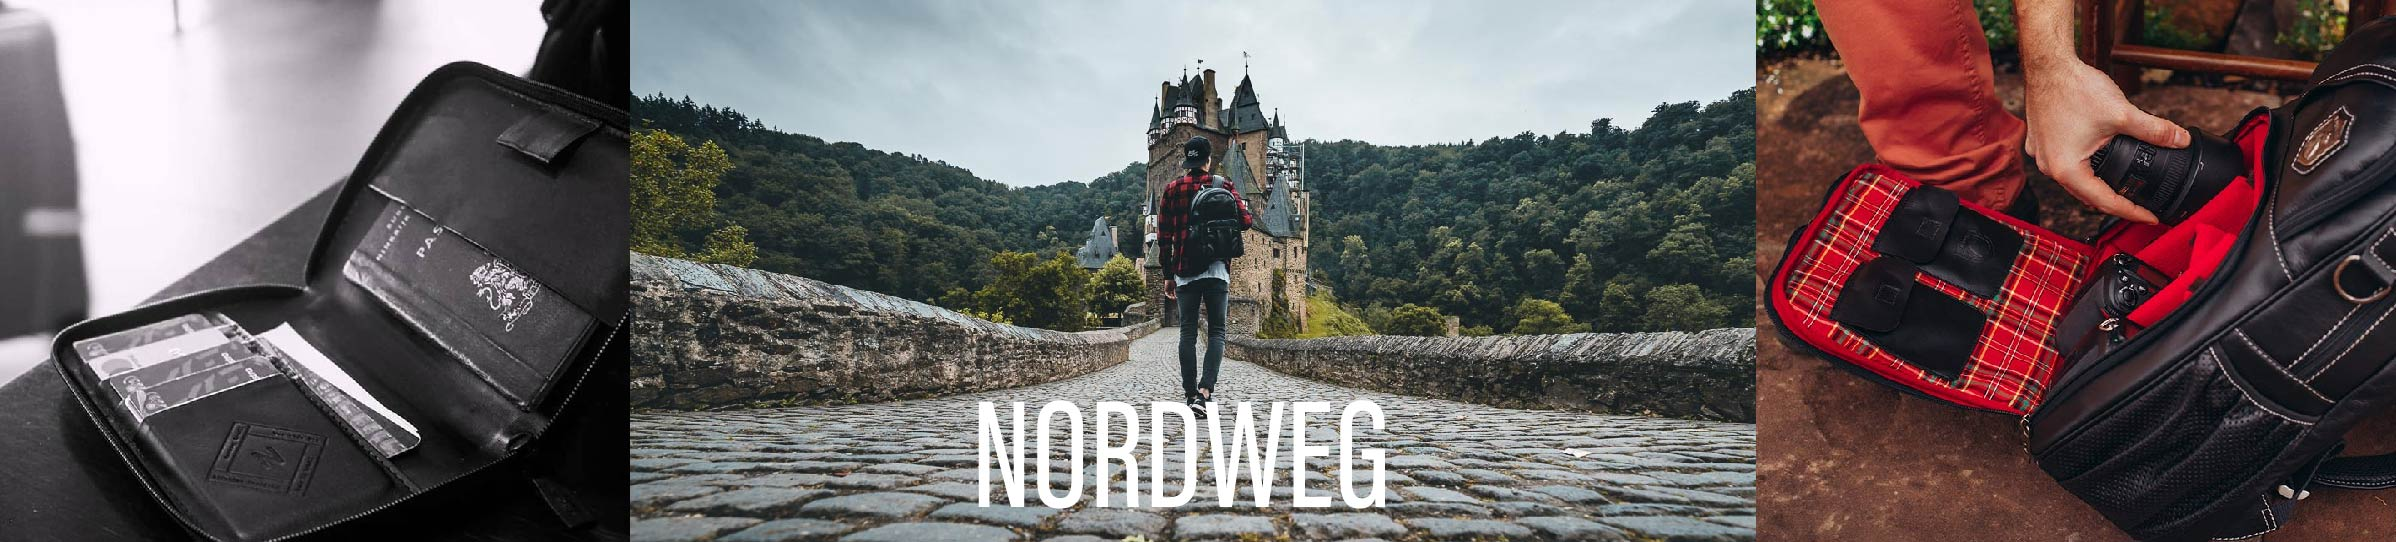 Nordweg